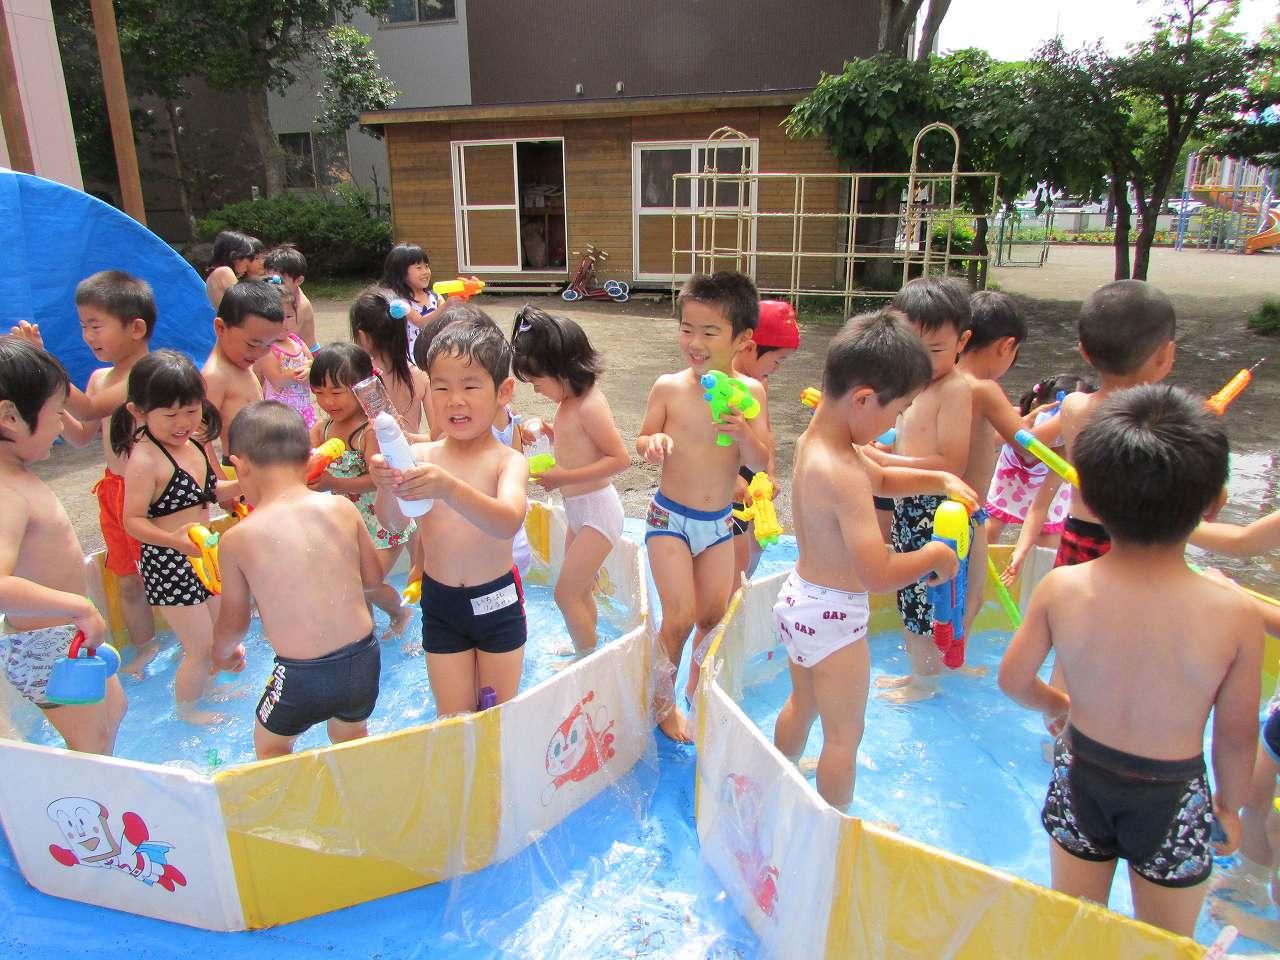 ... 一日目、 水遊び をしました : 幼児 水遊び : 幼児